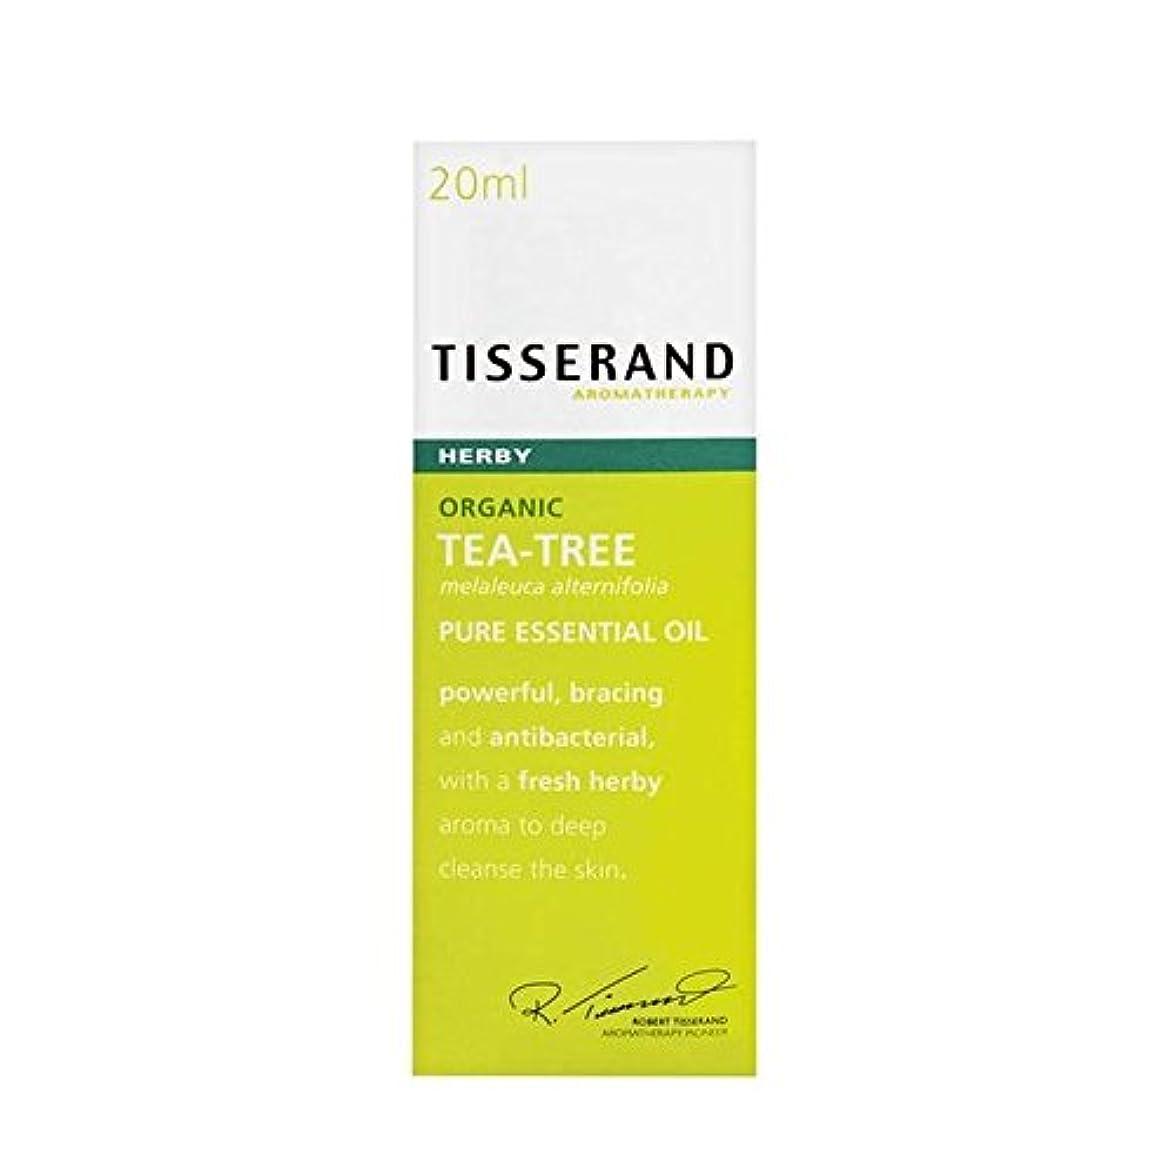 キリスト第二に修理工ティスランドティーツリーオーガニックピュアエッセンシャルオイル20ミリリットル x4 - Tisserand Tea Tree Organic Pure Essential Oil 20ml (Pack of 4) [並行輸入品]